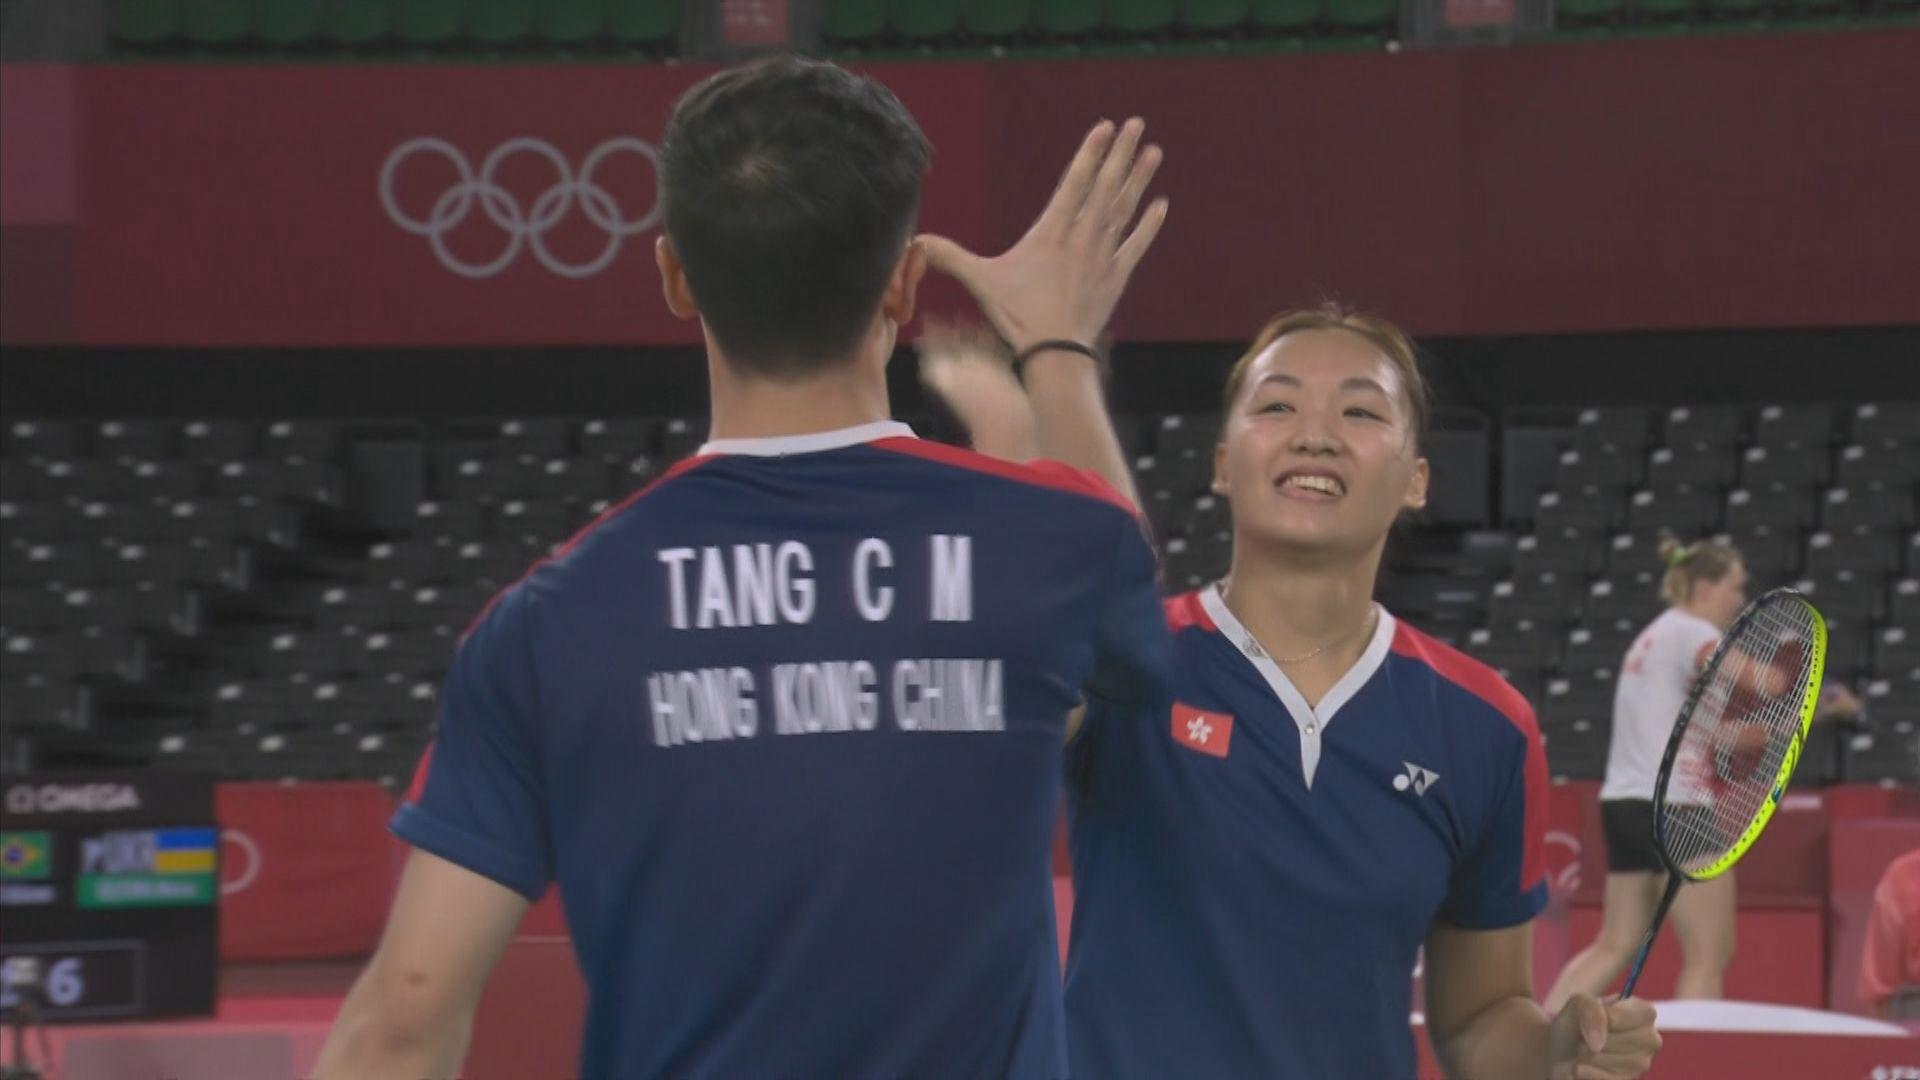 羽毛球混雙分組賽 港隊成功爭入八強